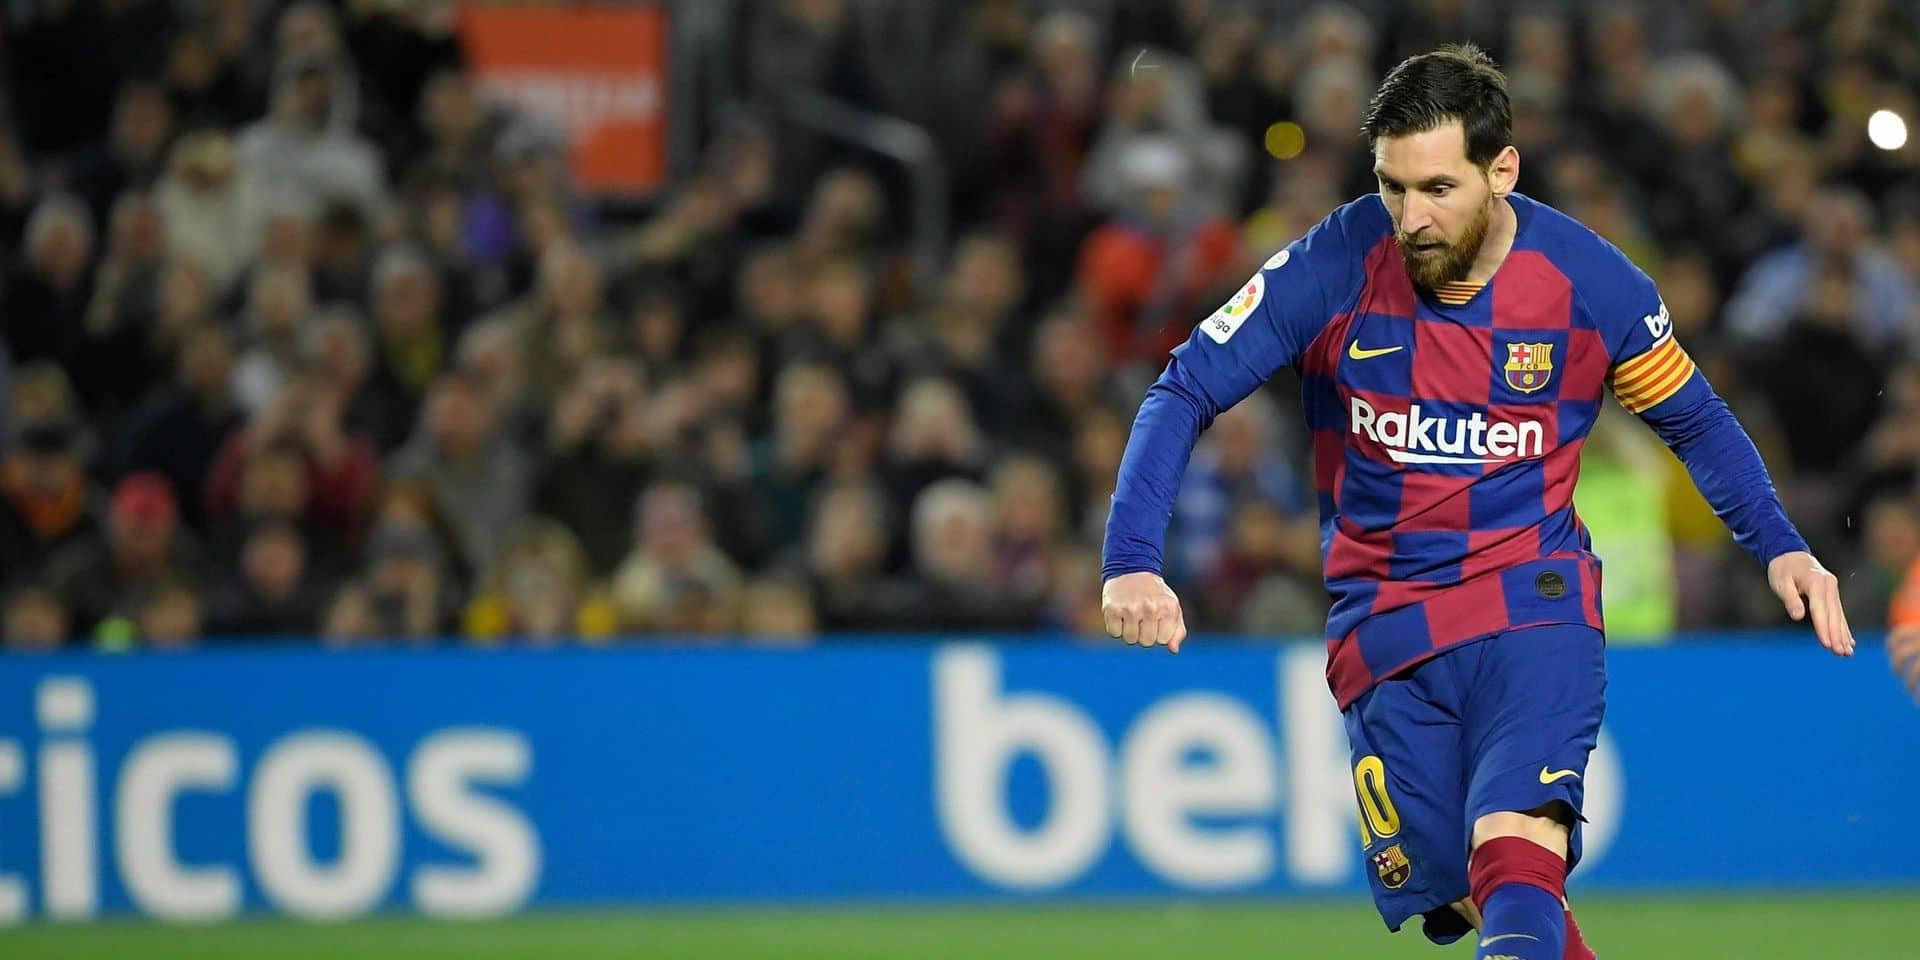 Lionel Messi met fin aux rumeurs, il reste au Barça l'an prochain